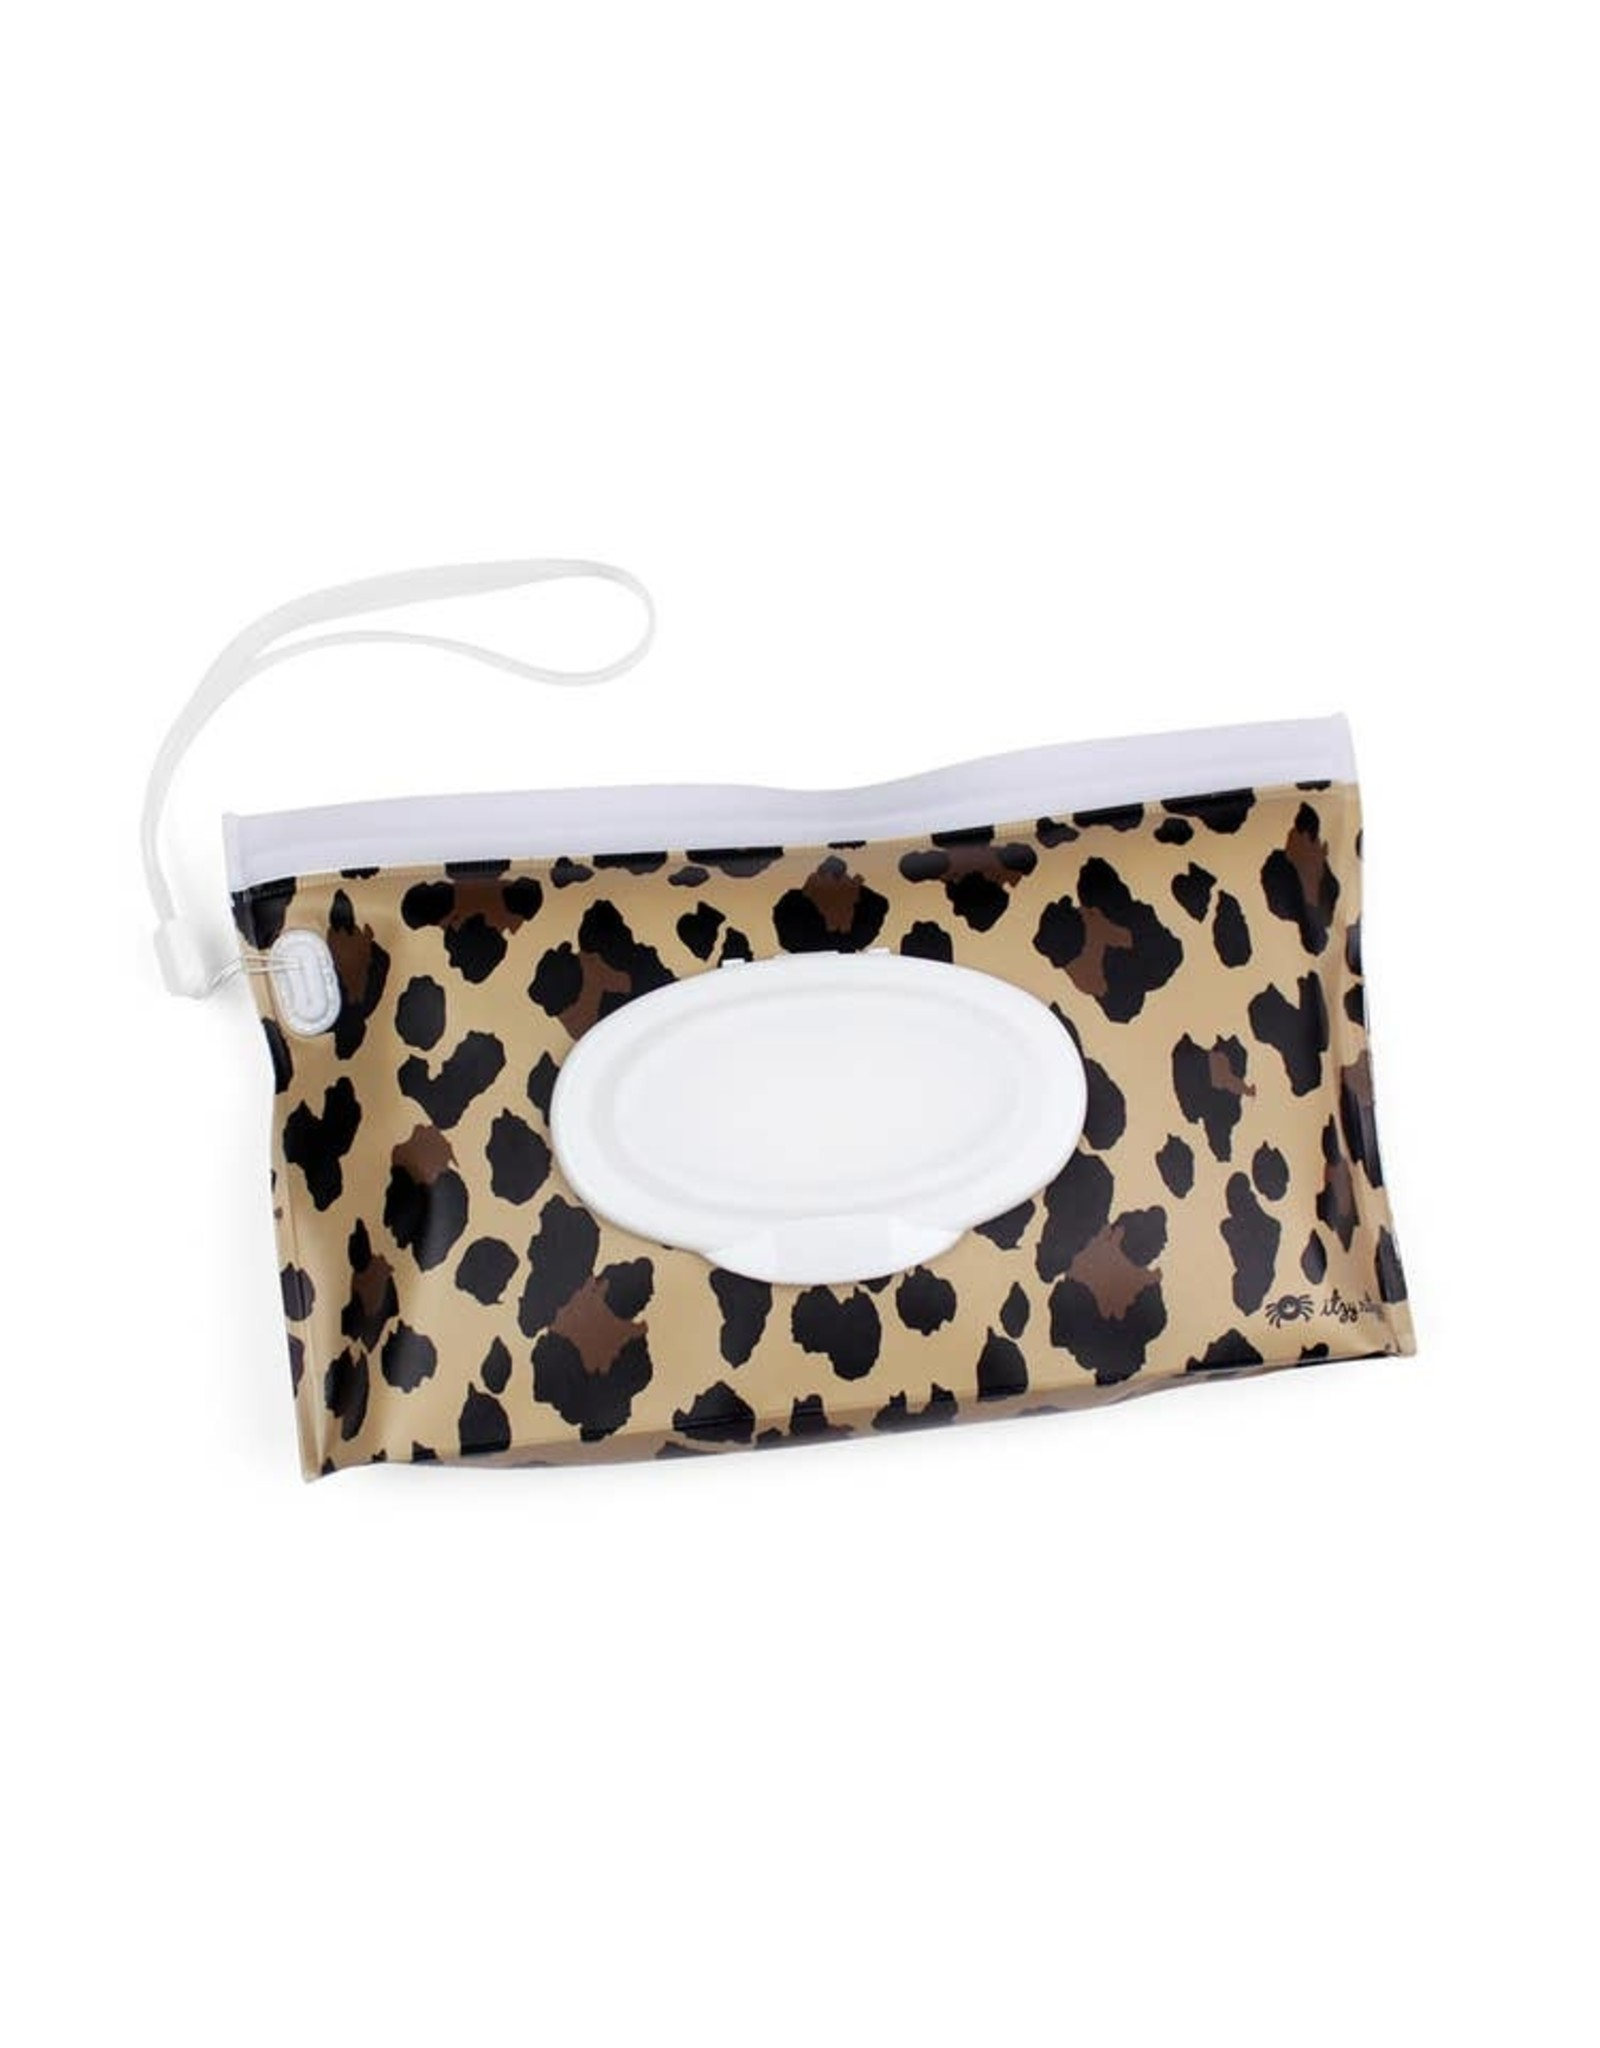 Itzy Ritzy Itzy Ritzy - Take & Travel Pouch Wipes Case Leopard